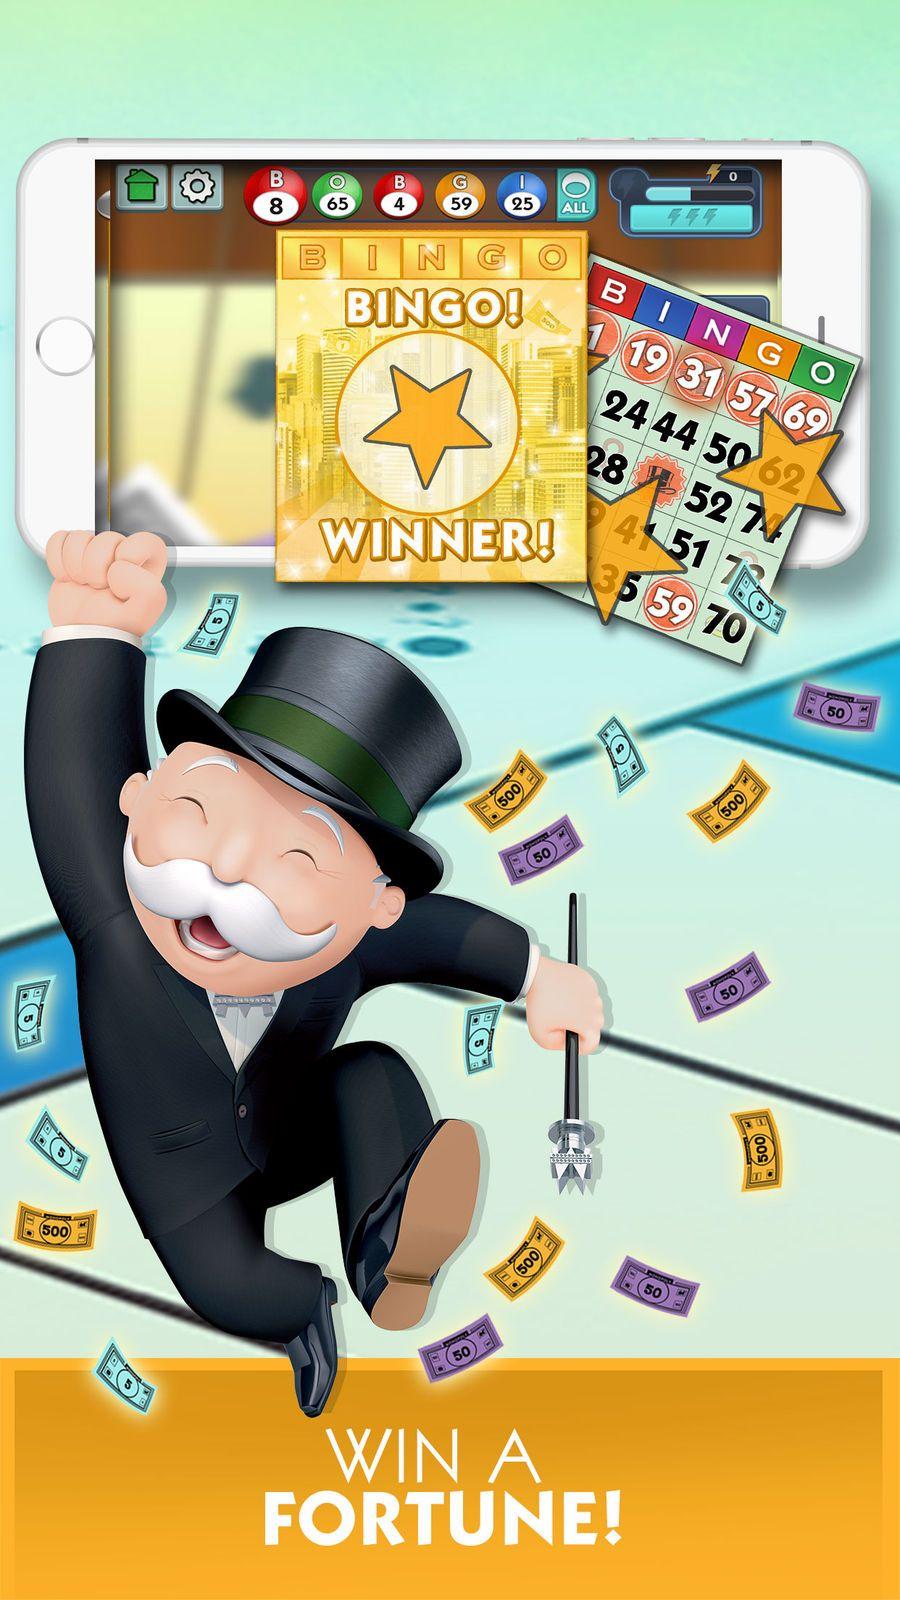 MONOPOLY Bingo! BoardEntertainmentiosCasino 3d design